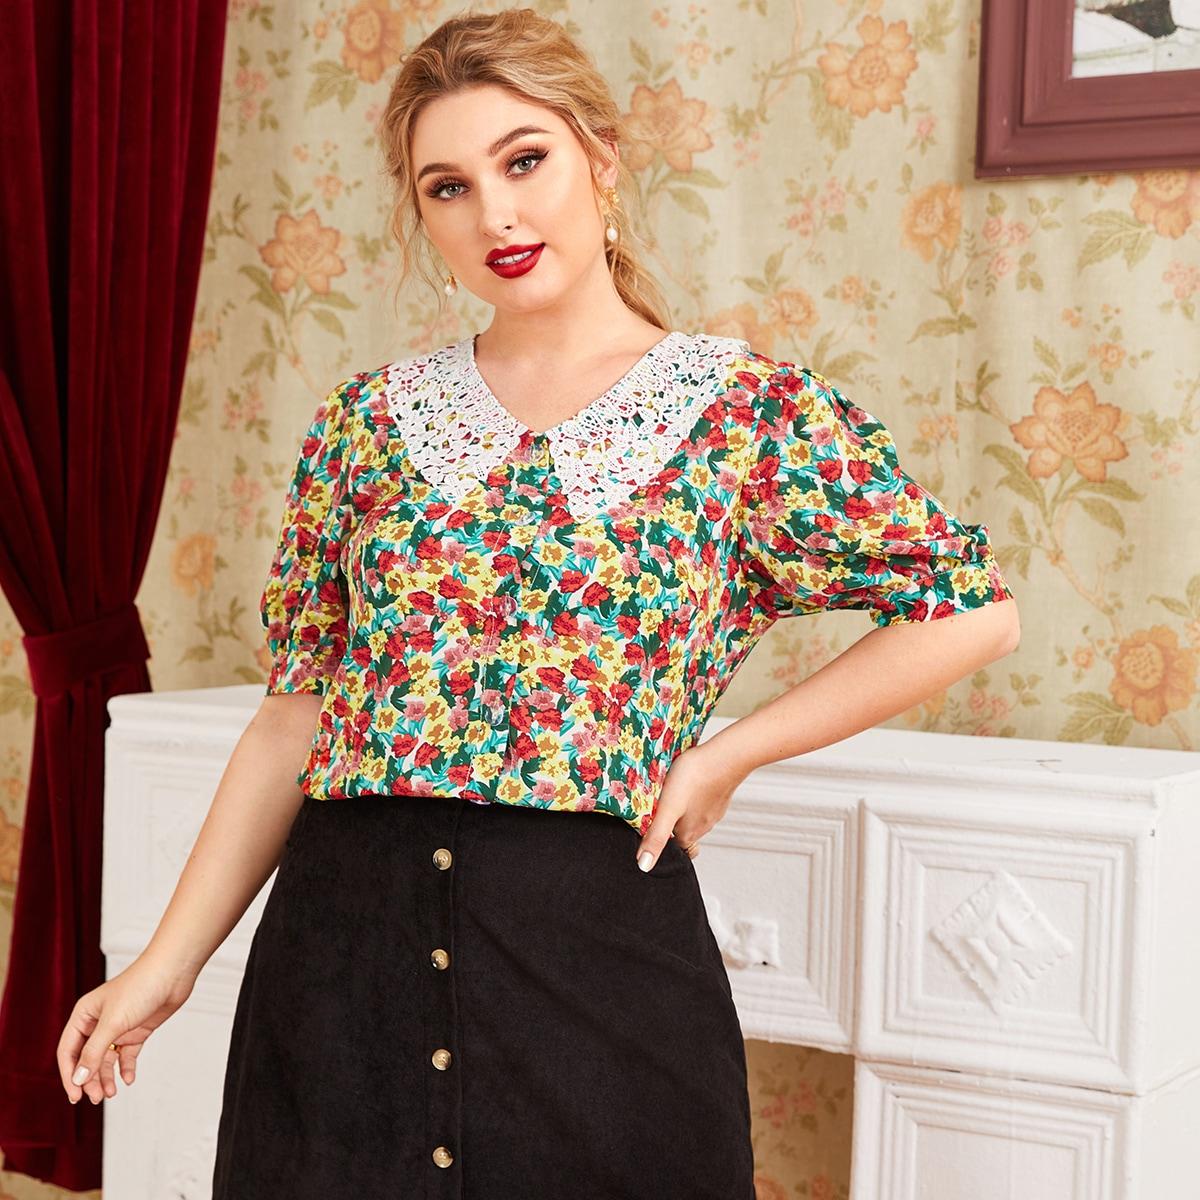 SHEIN / Blusas Extra Grandes Encaje en contraste Floral Multicolor Retro